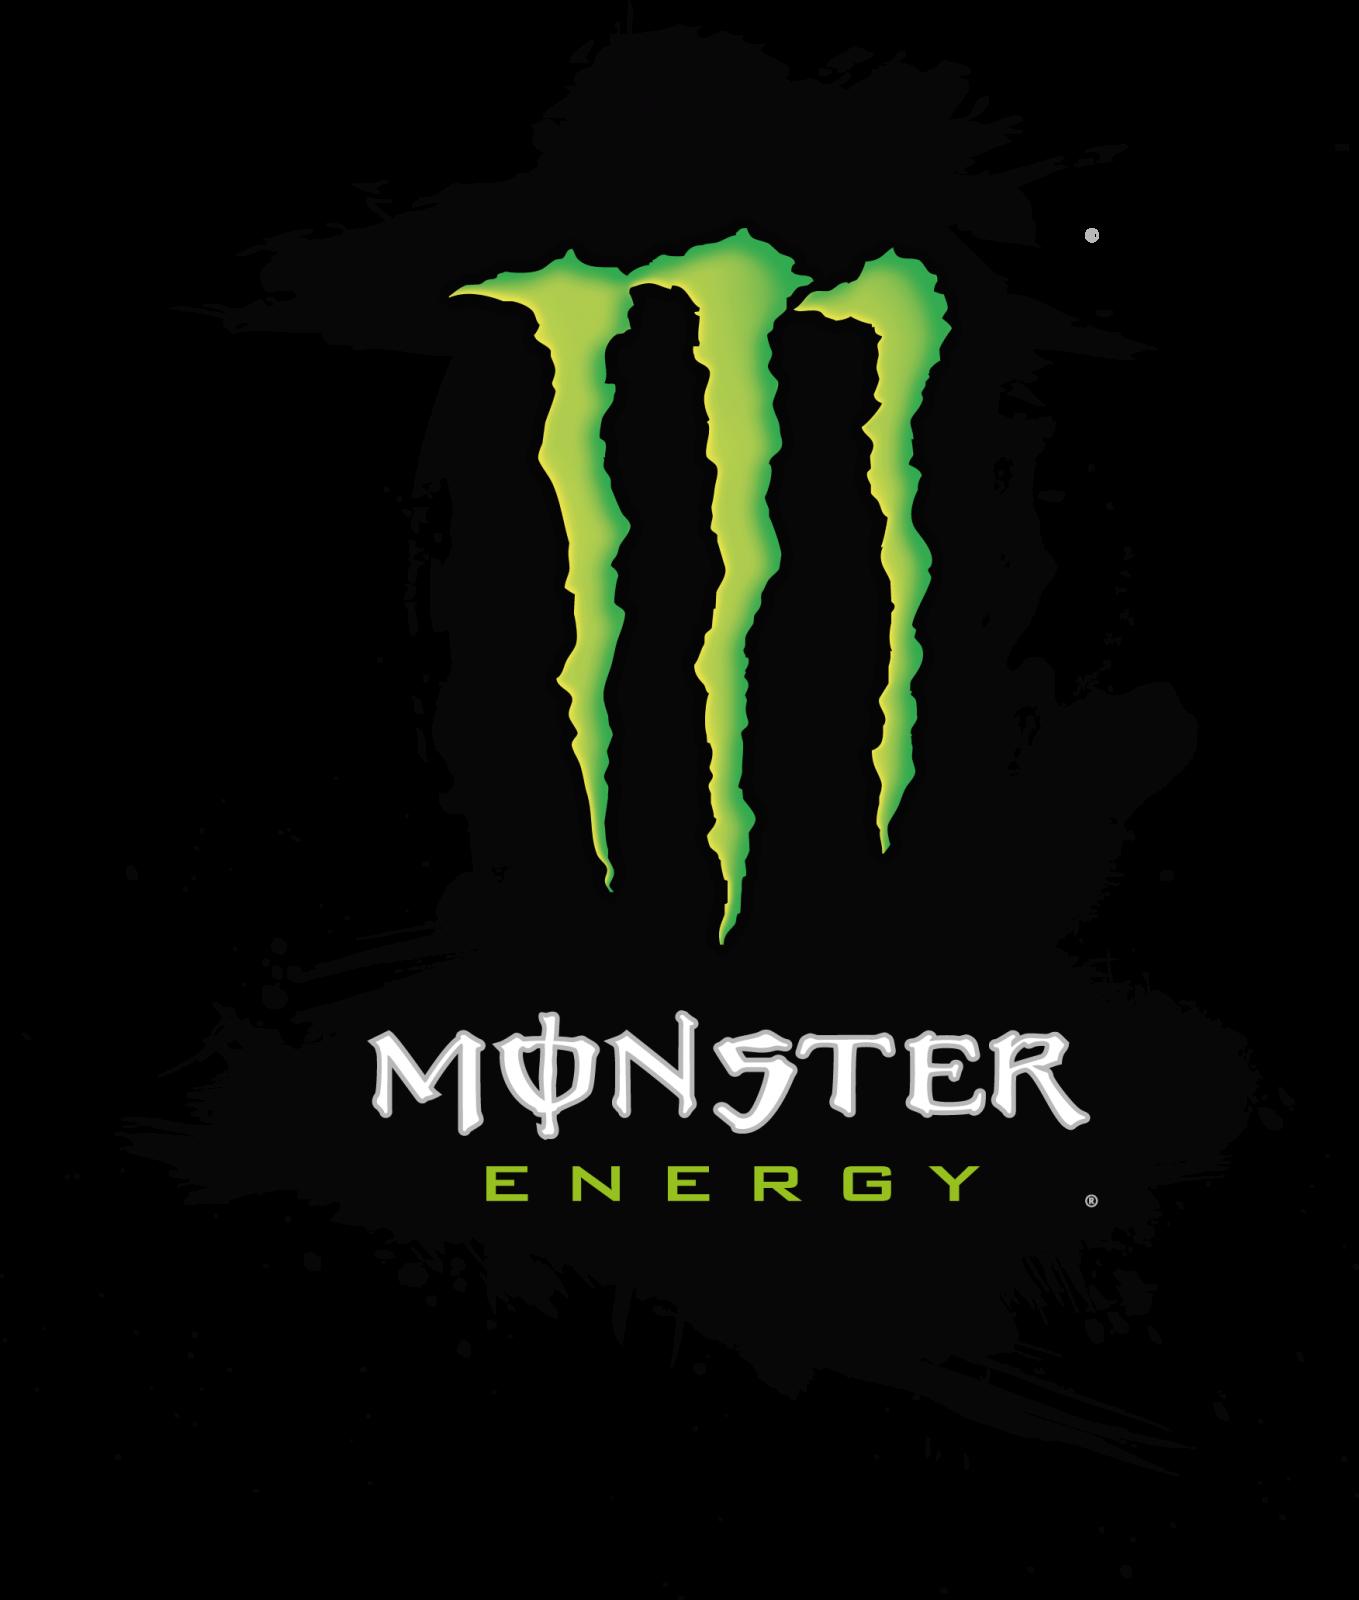 monster png logo symbols #3133